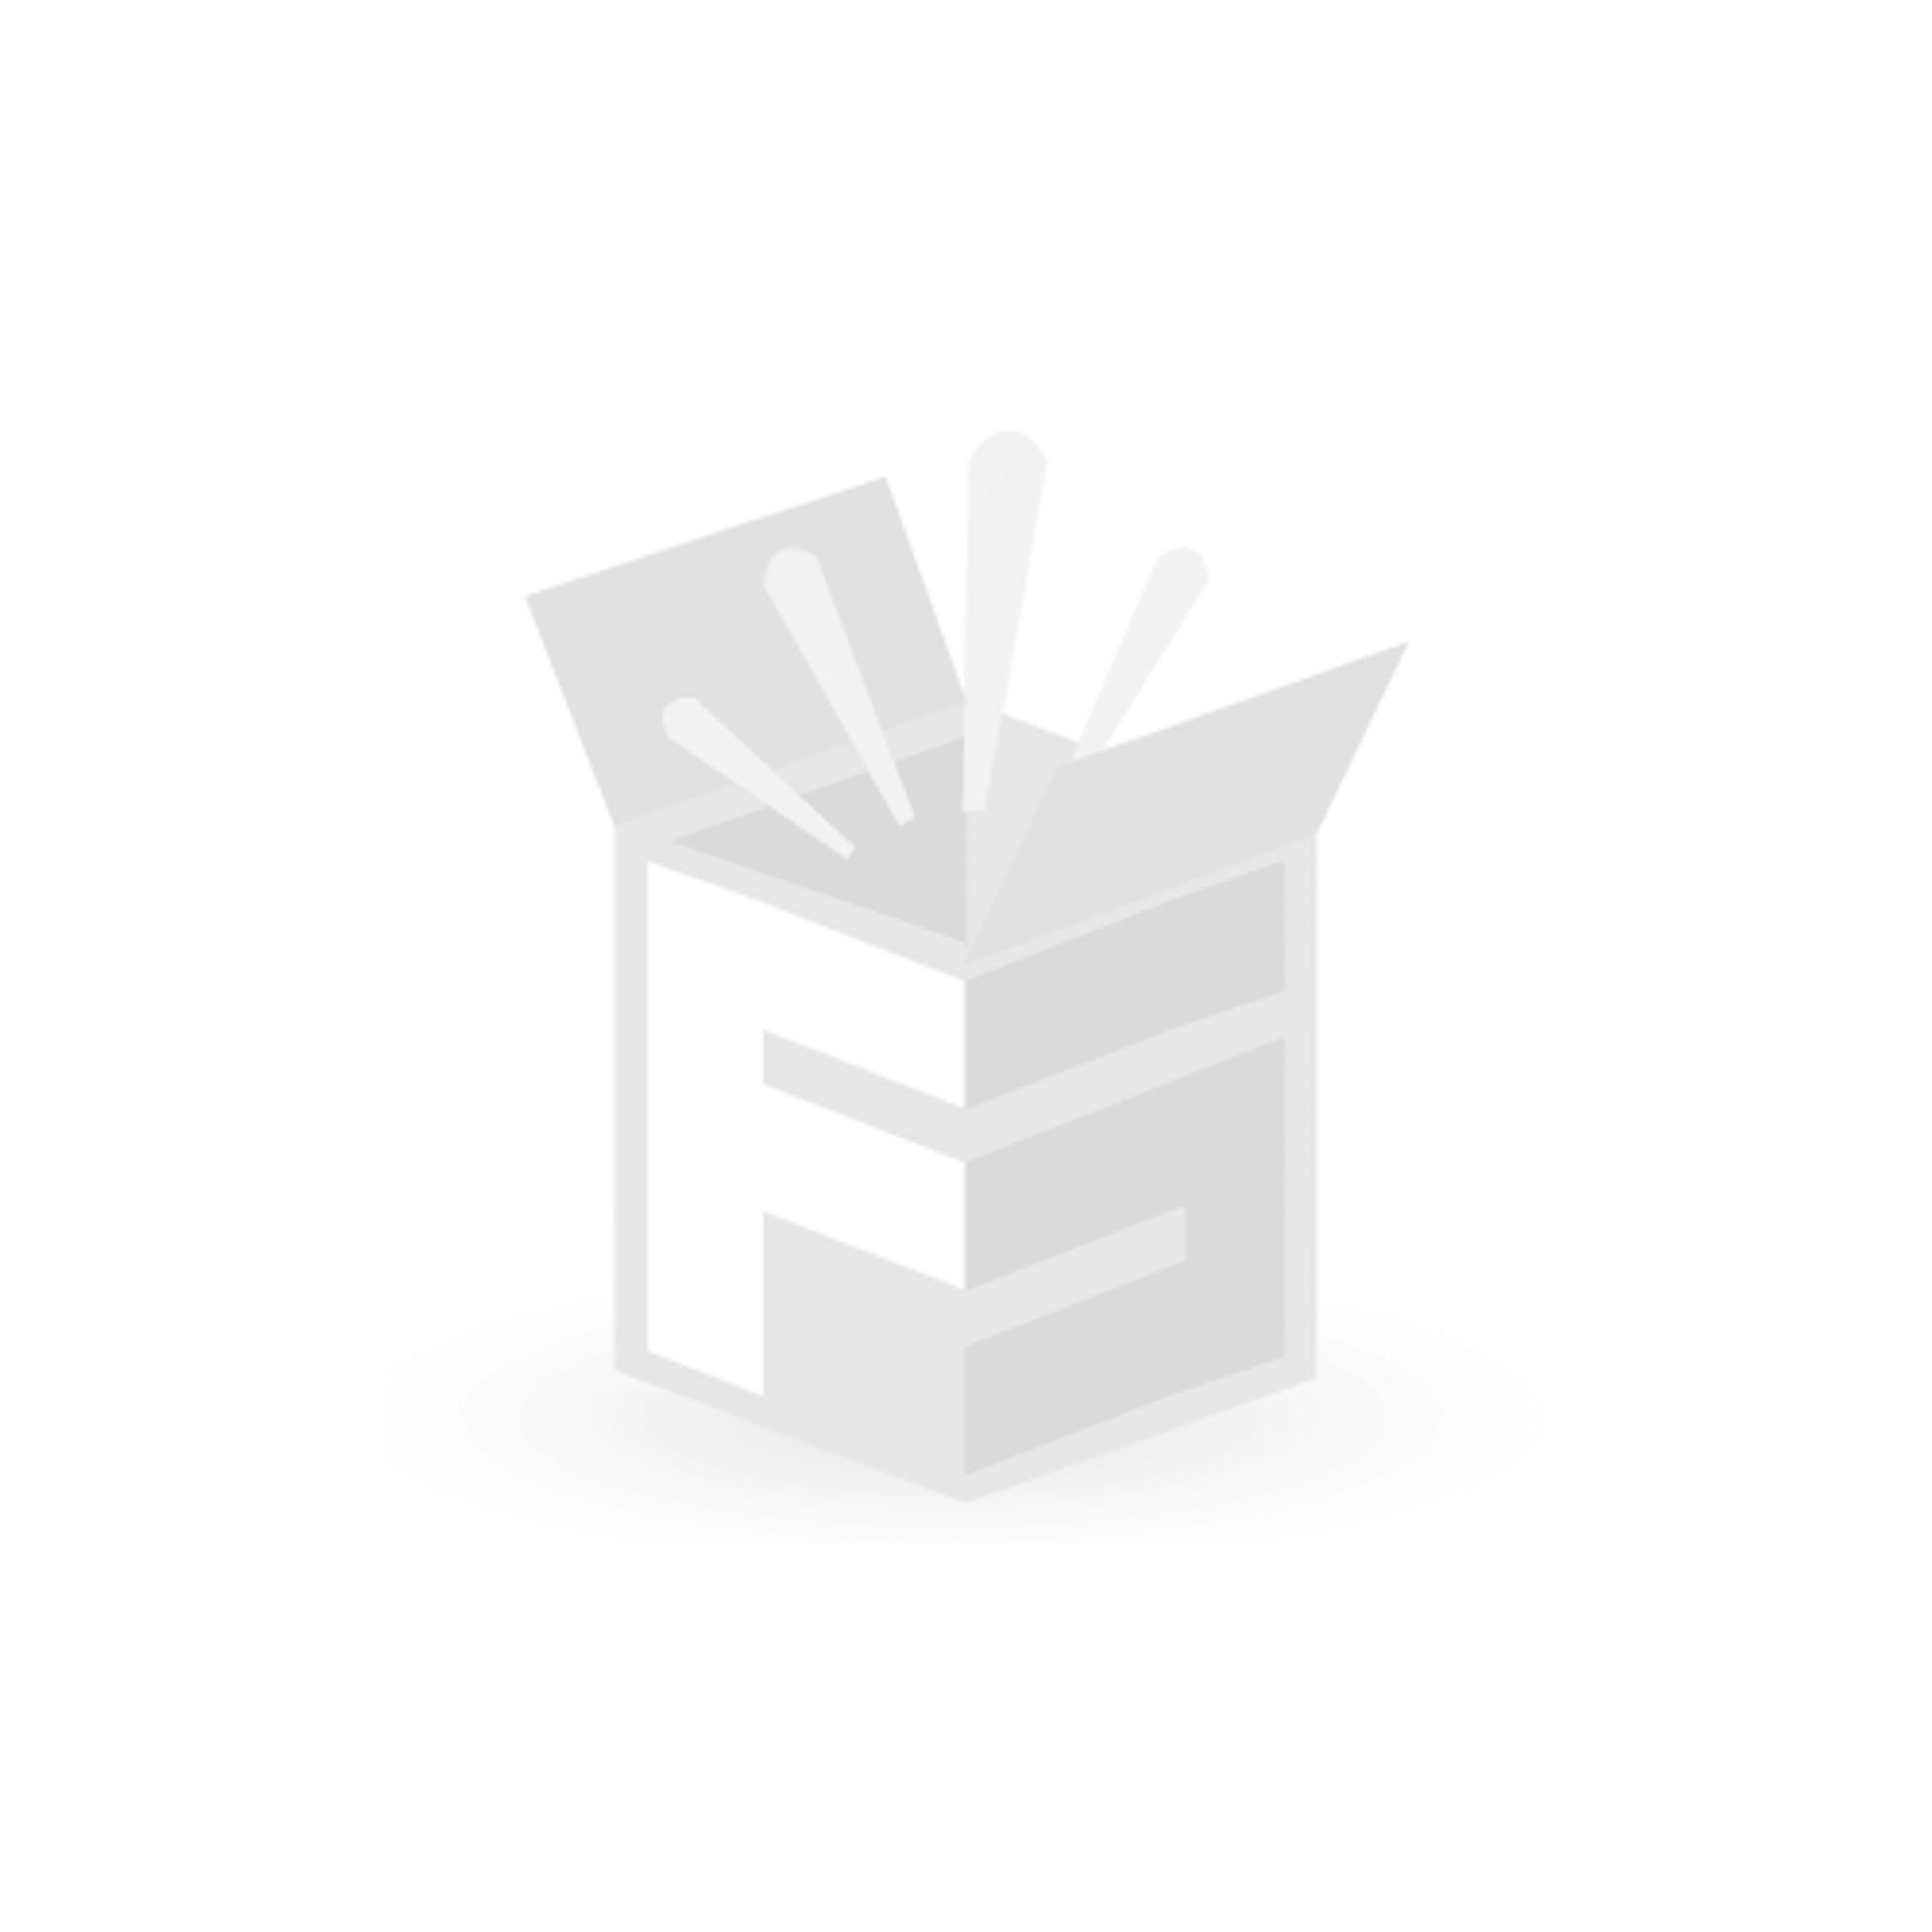 leichte gartensthle leichte gartensthle with leichte. Black Bedroom Furniture Sets. Home Design Ideas